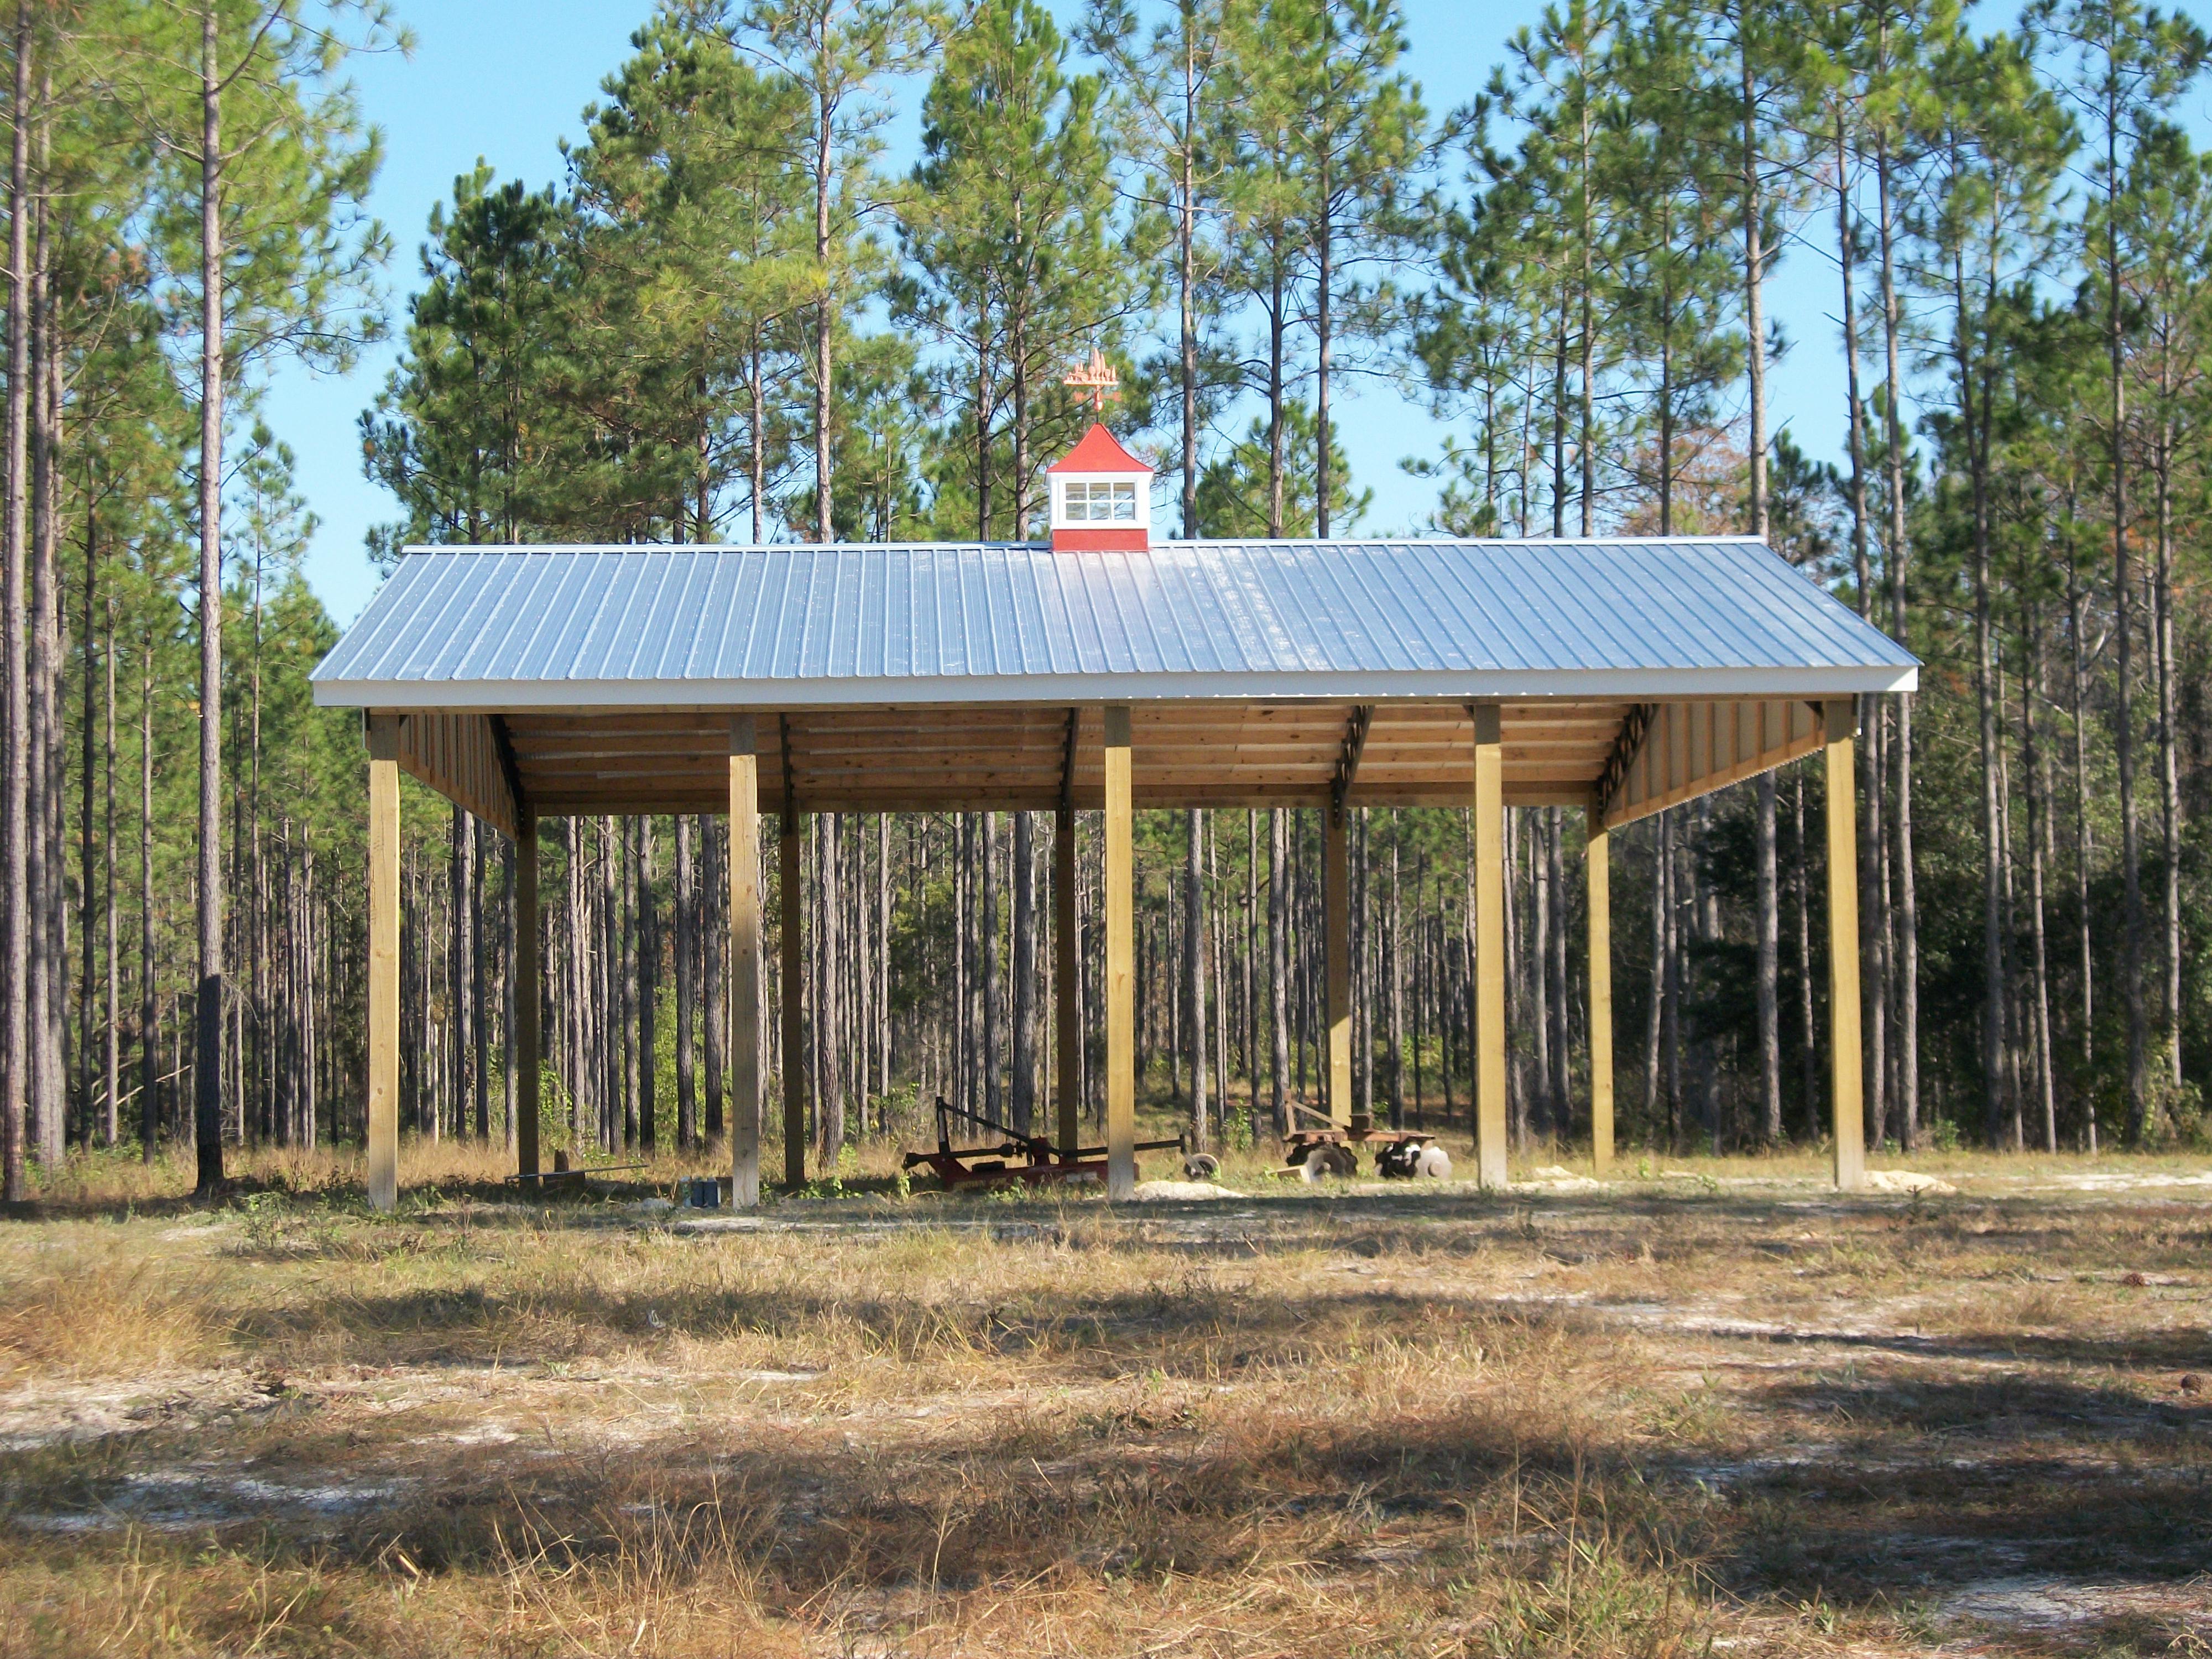 Florida Barns Pole Barns Pole 28 Images Over Built Photo Gallery Prairie Glenn Barn Florida